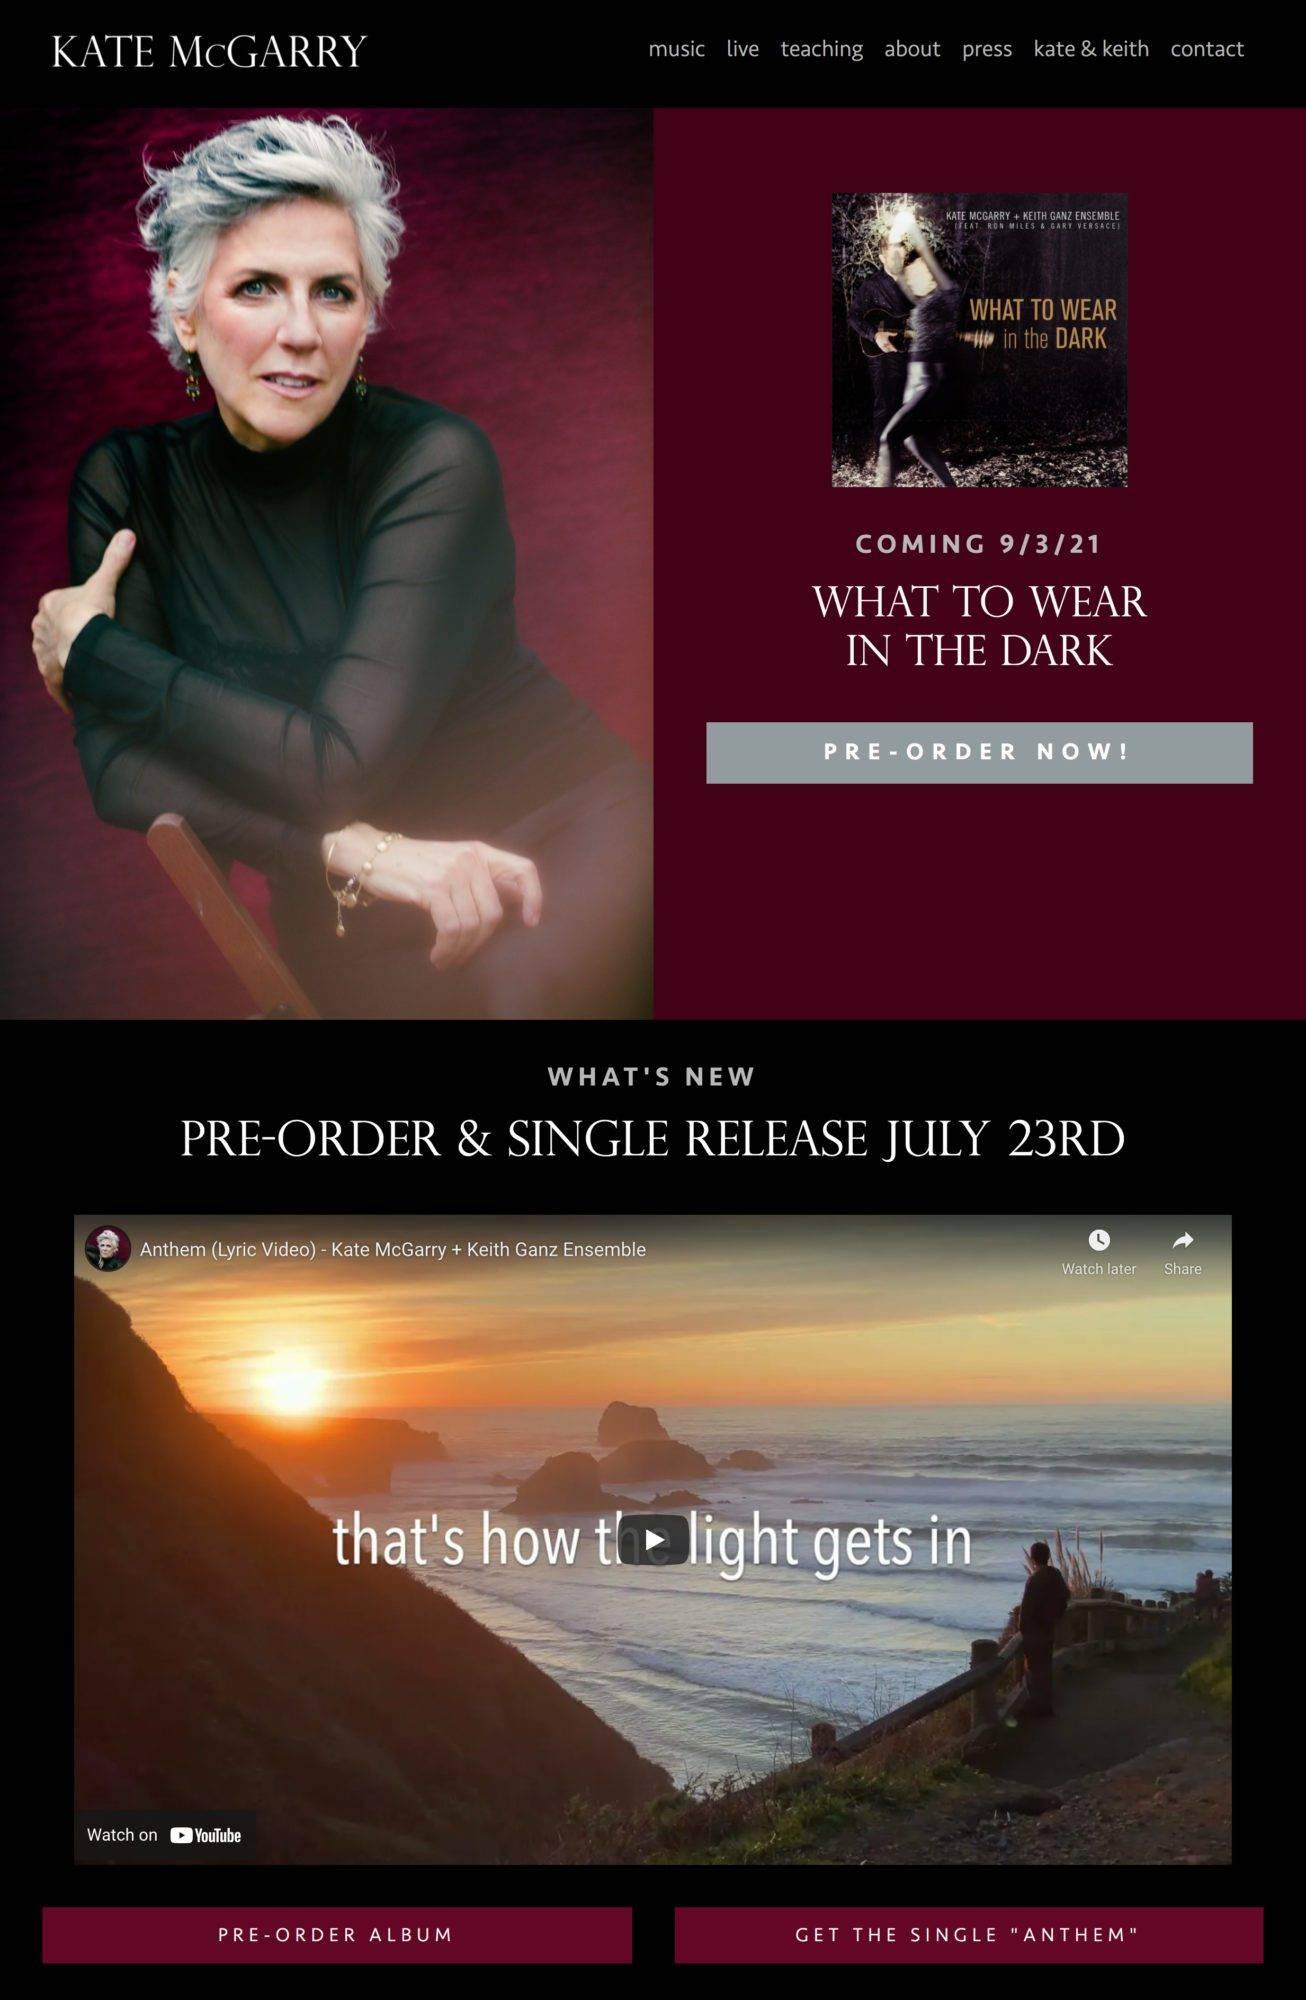 Kate McGarry website homepage